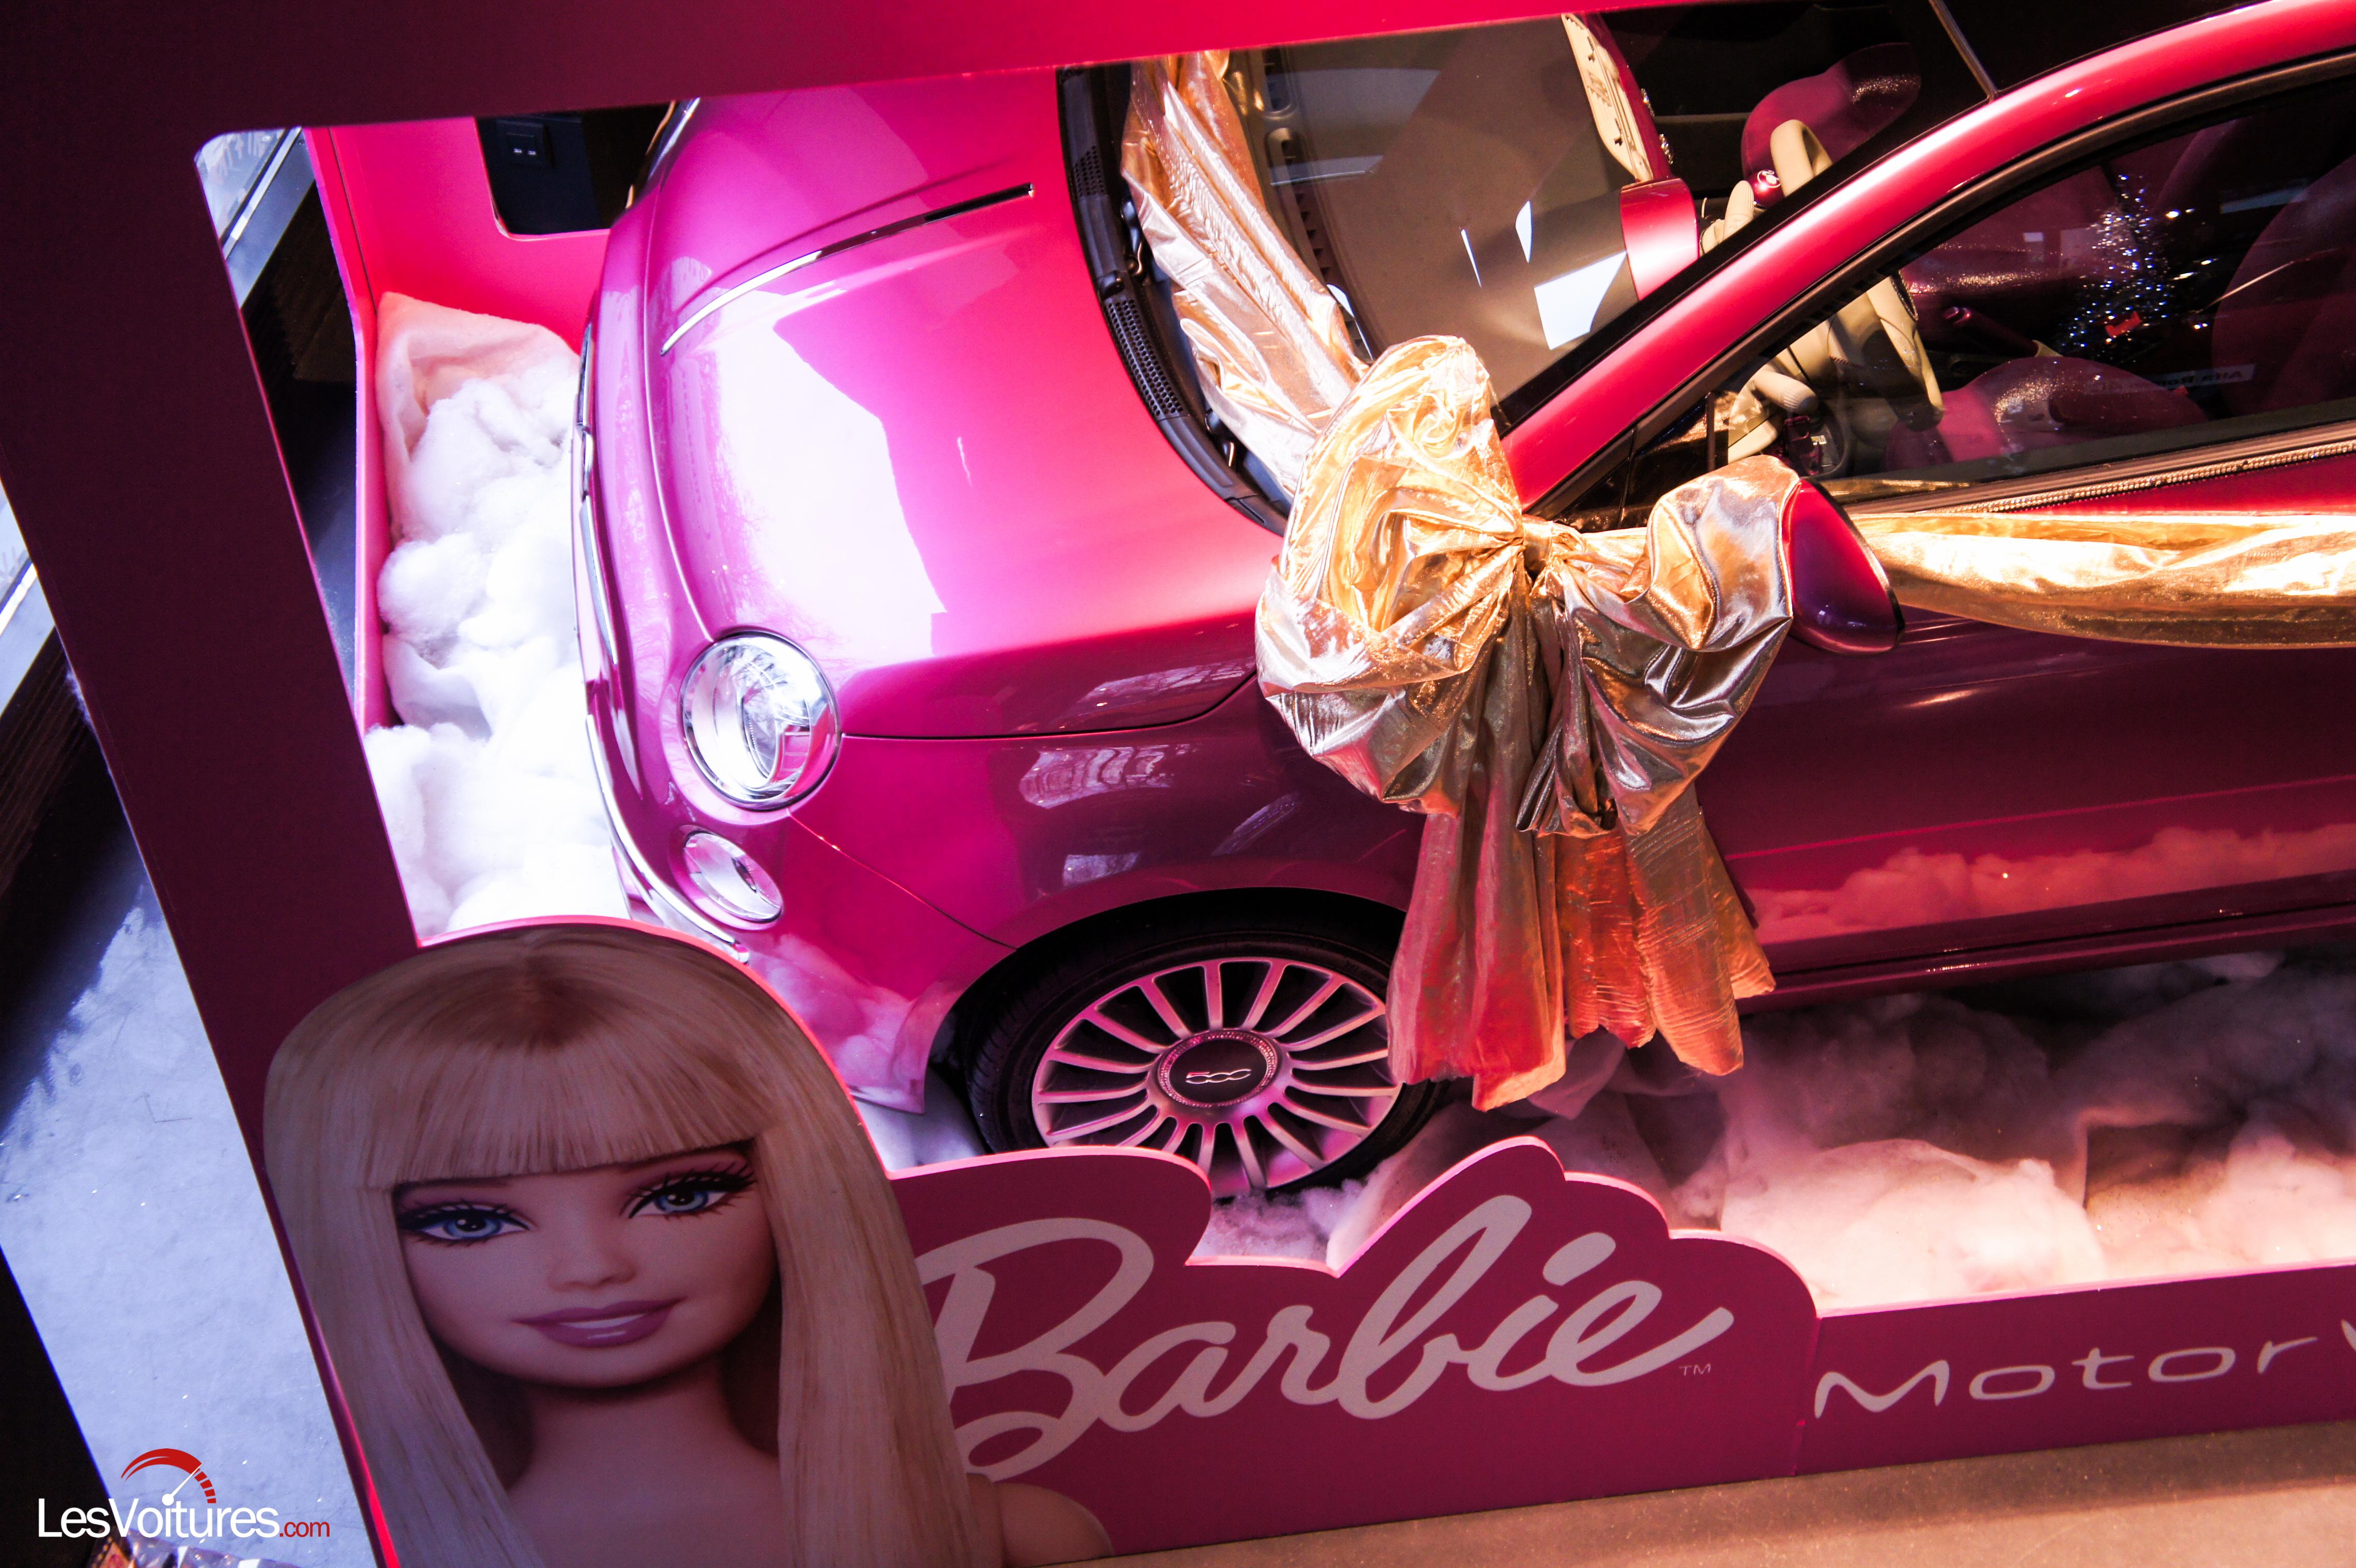 Fiat 500 Barbie : Le père Noël pour les femmes !